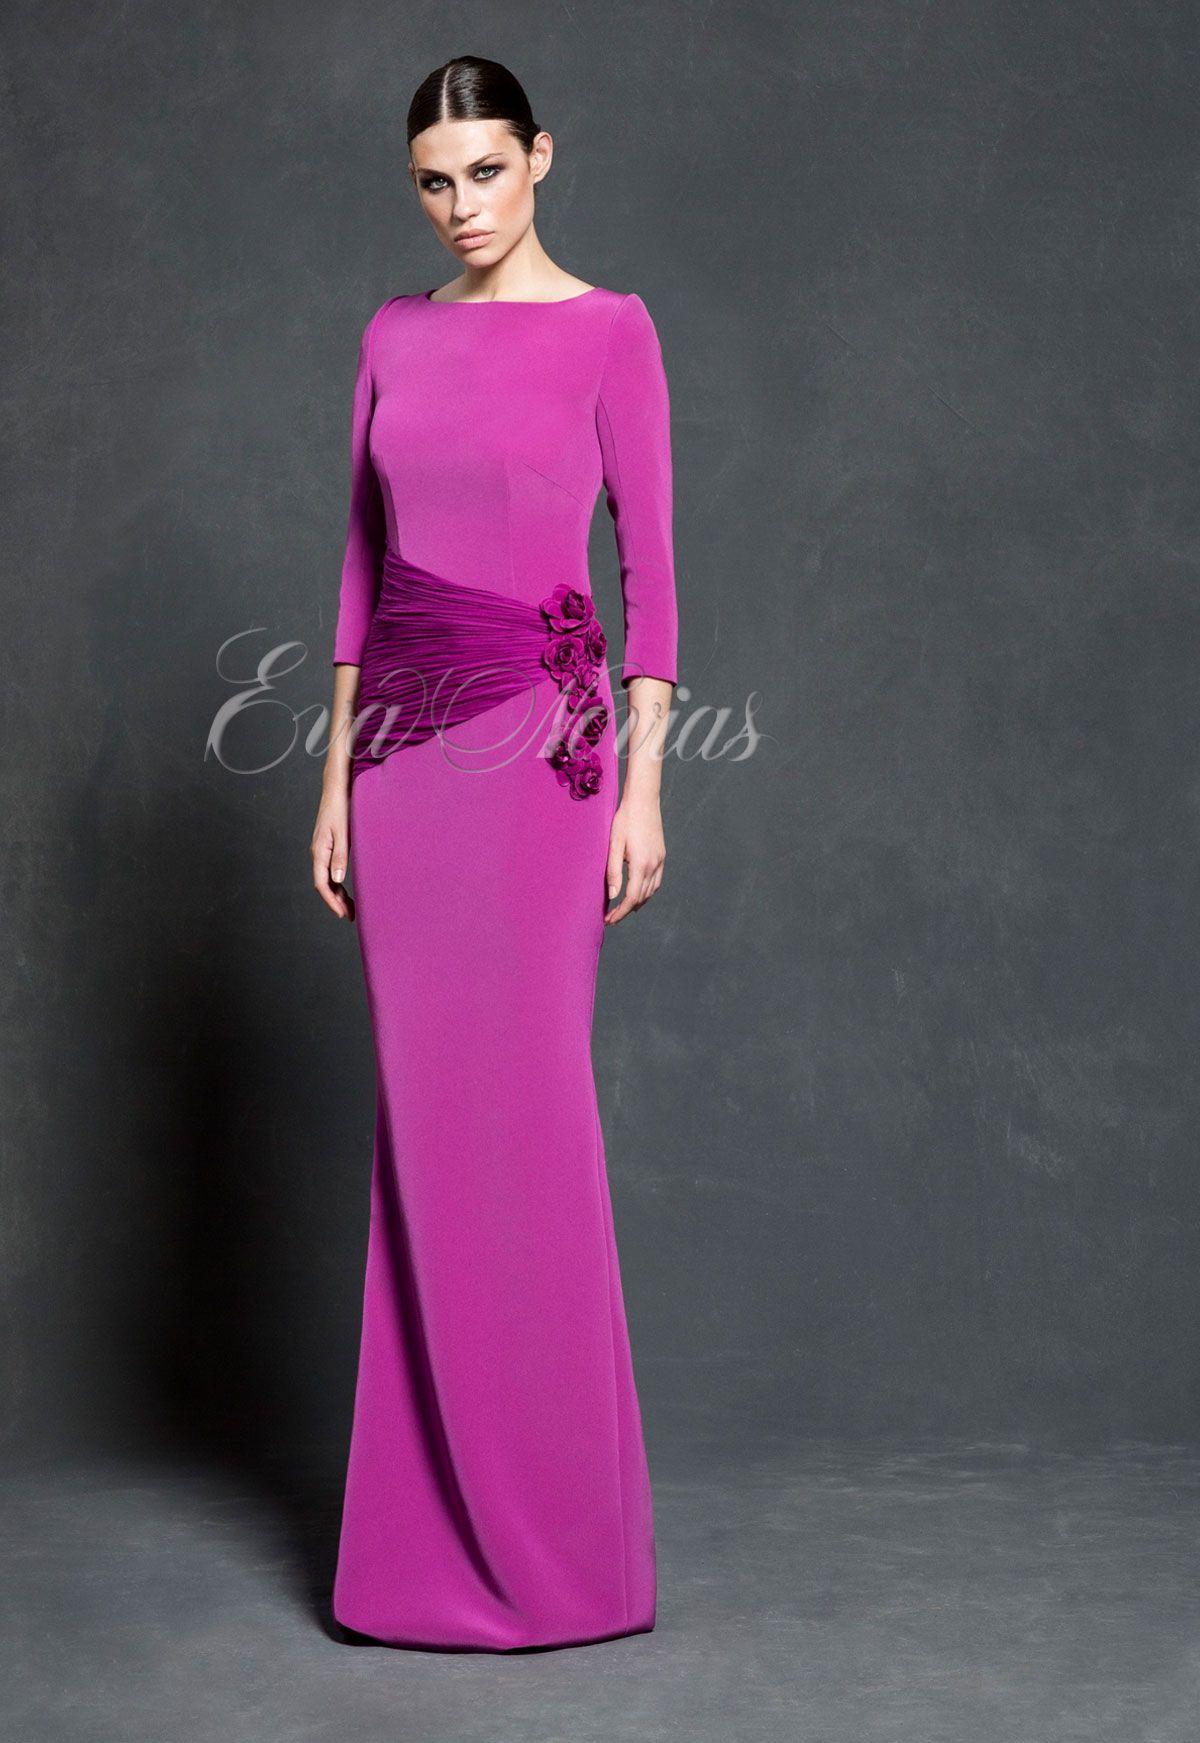 Vestido de fiesta de Vicky Martín Berrocal colección 2016 modelo 403 ...